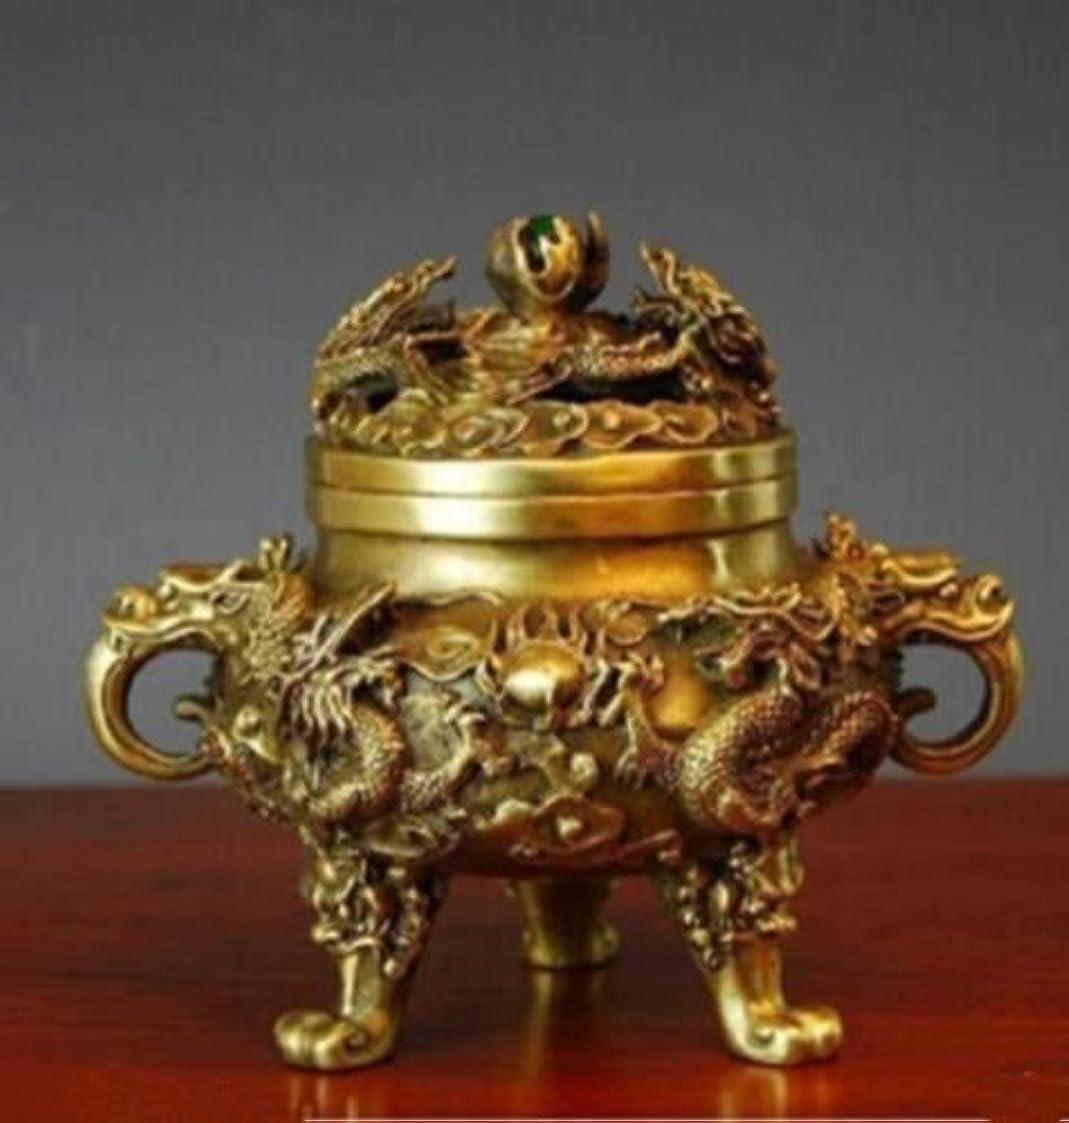 喜劇あまりにも従事したコレクティブル中国の真鍮の九ドラゴンズ九龍香のバーナー (2)